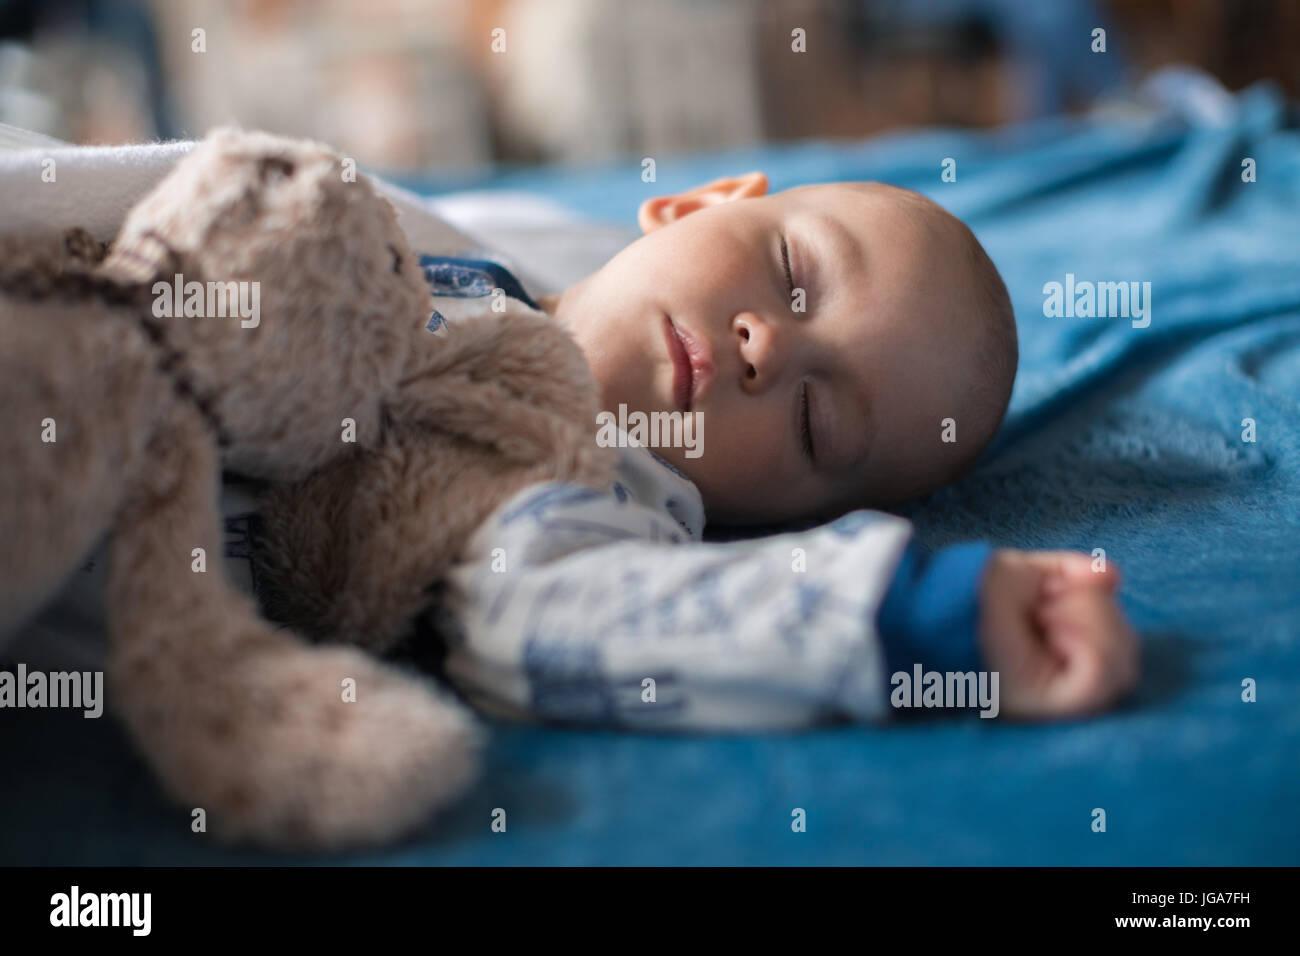 Simpatico bimbo che dorme con Teddy bear Immagini Stock